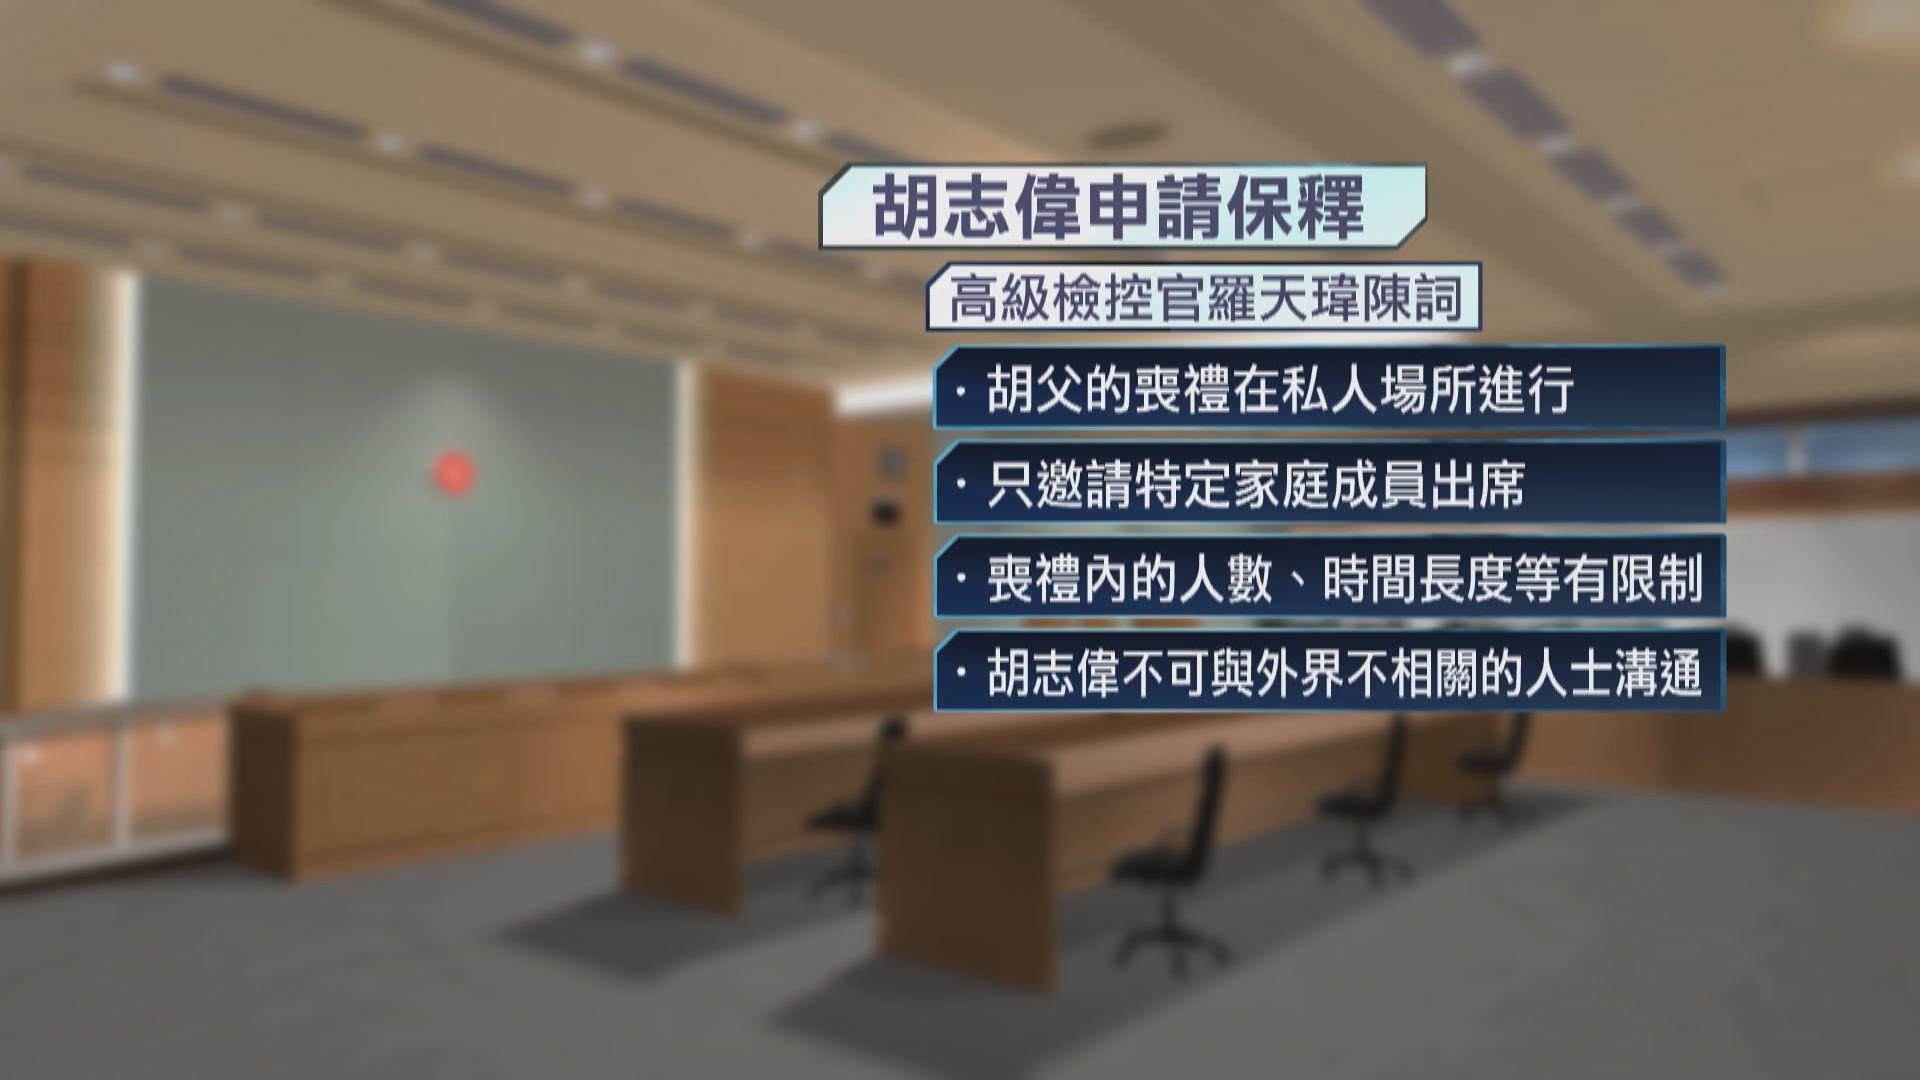 胡志偉獲准保釋外出赴父親喪禮 須遵守多項條件